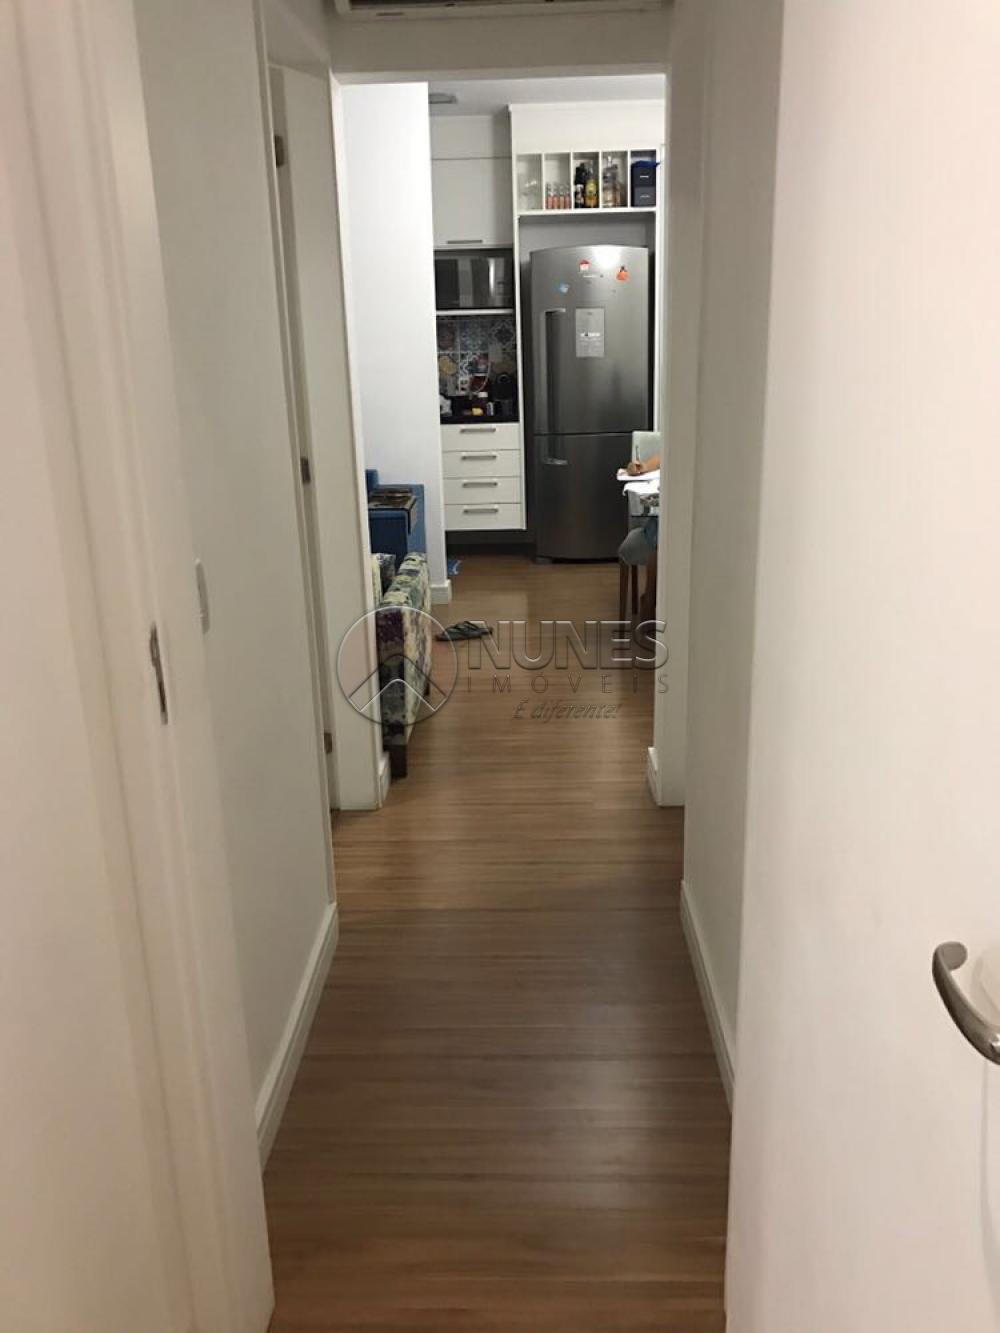 Comprar Apartamento / Padrão em Osasco apenas R$ 380.000,00 - Foto 10